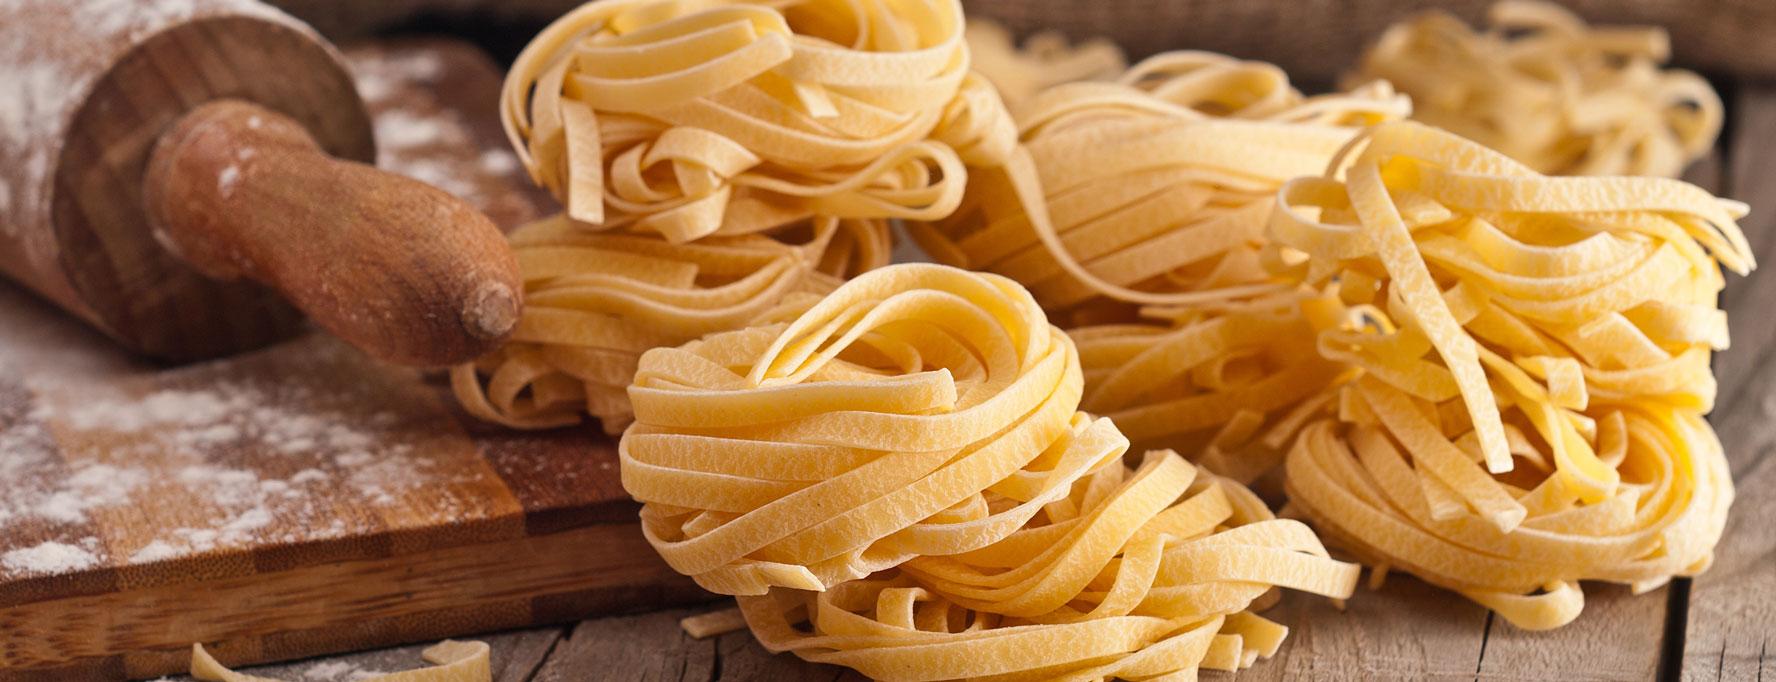 Cucina Parmigiana con ingredienti e preparazioni tradizionali